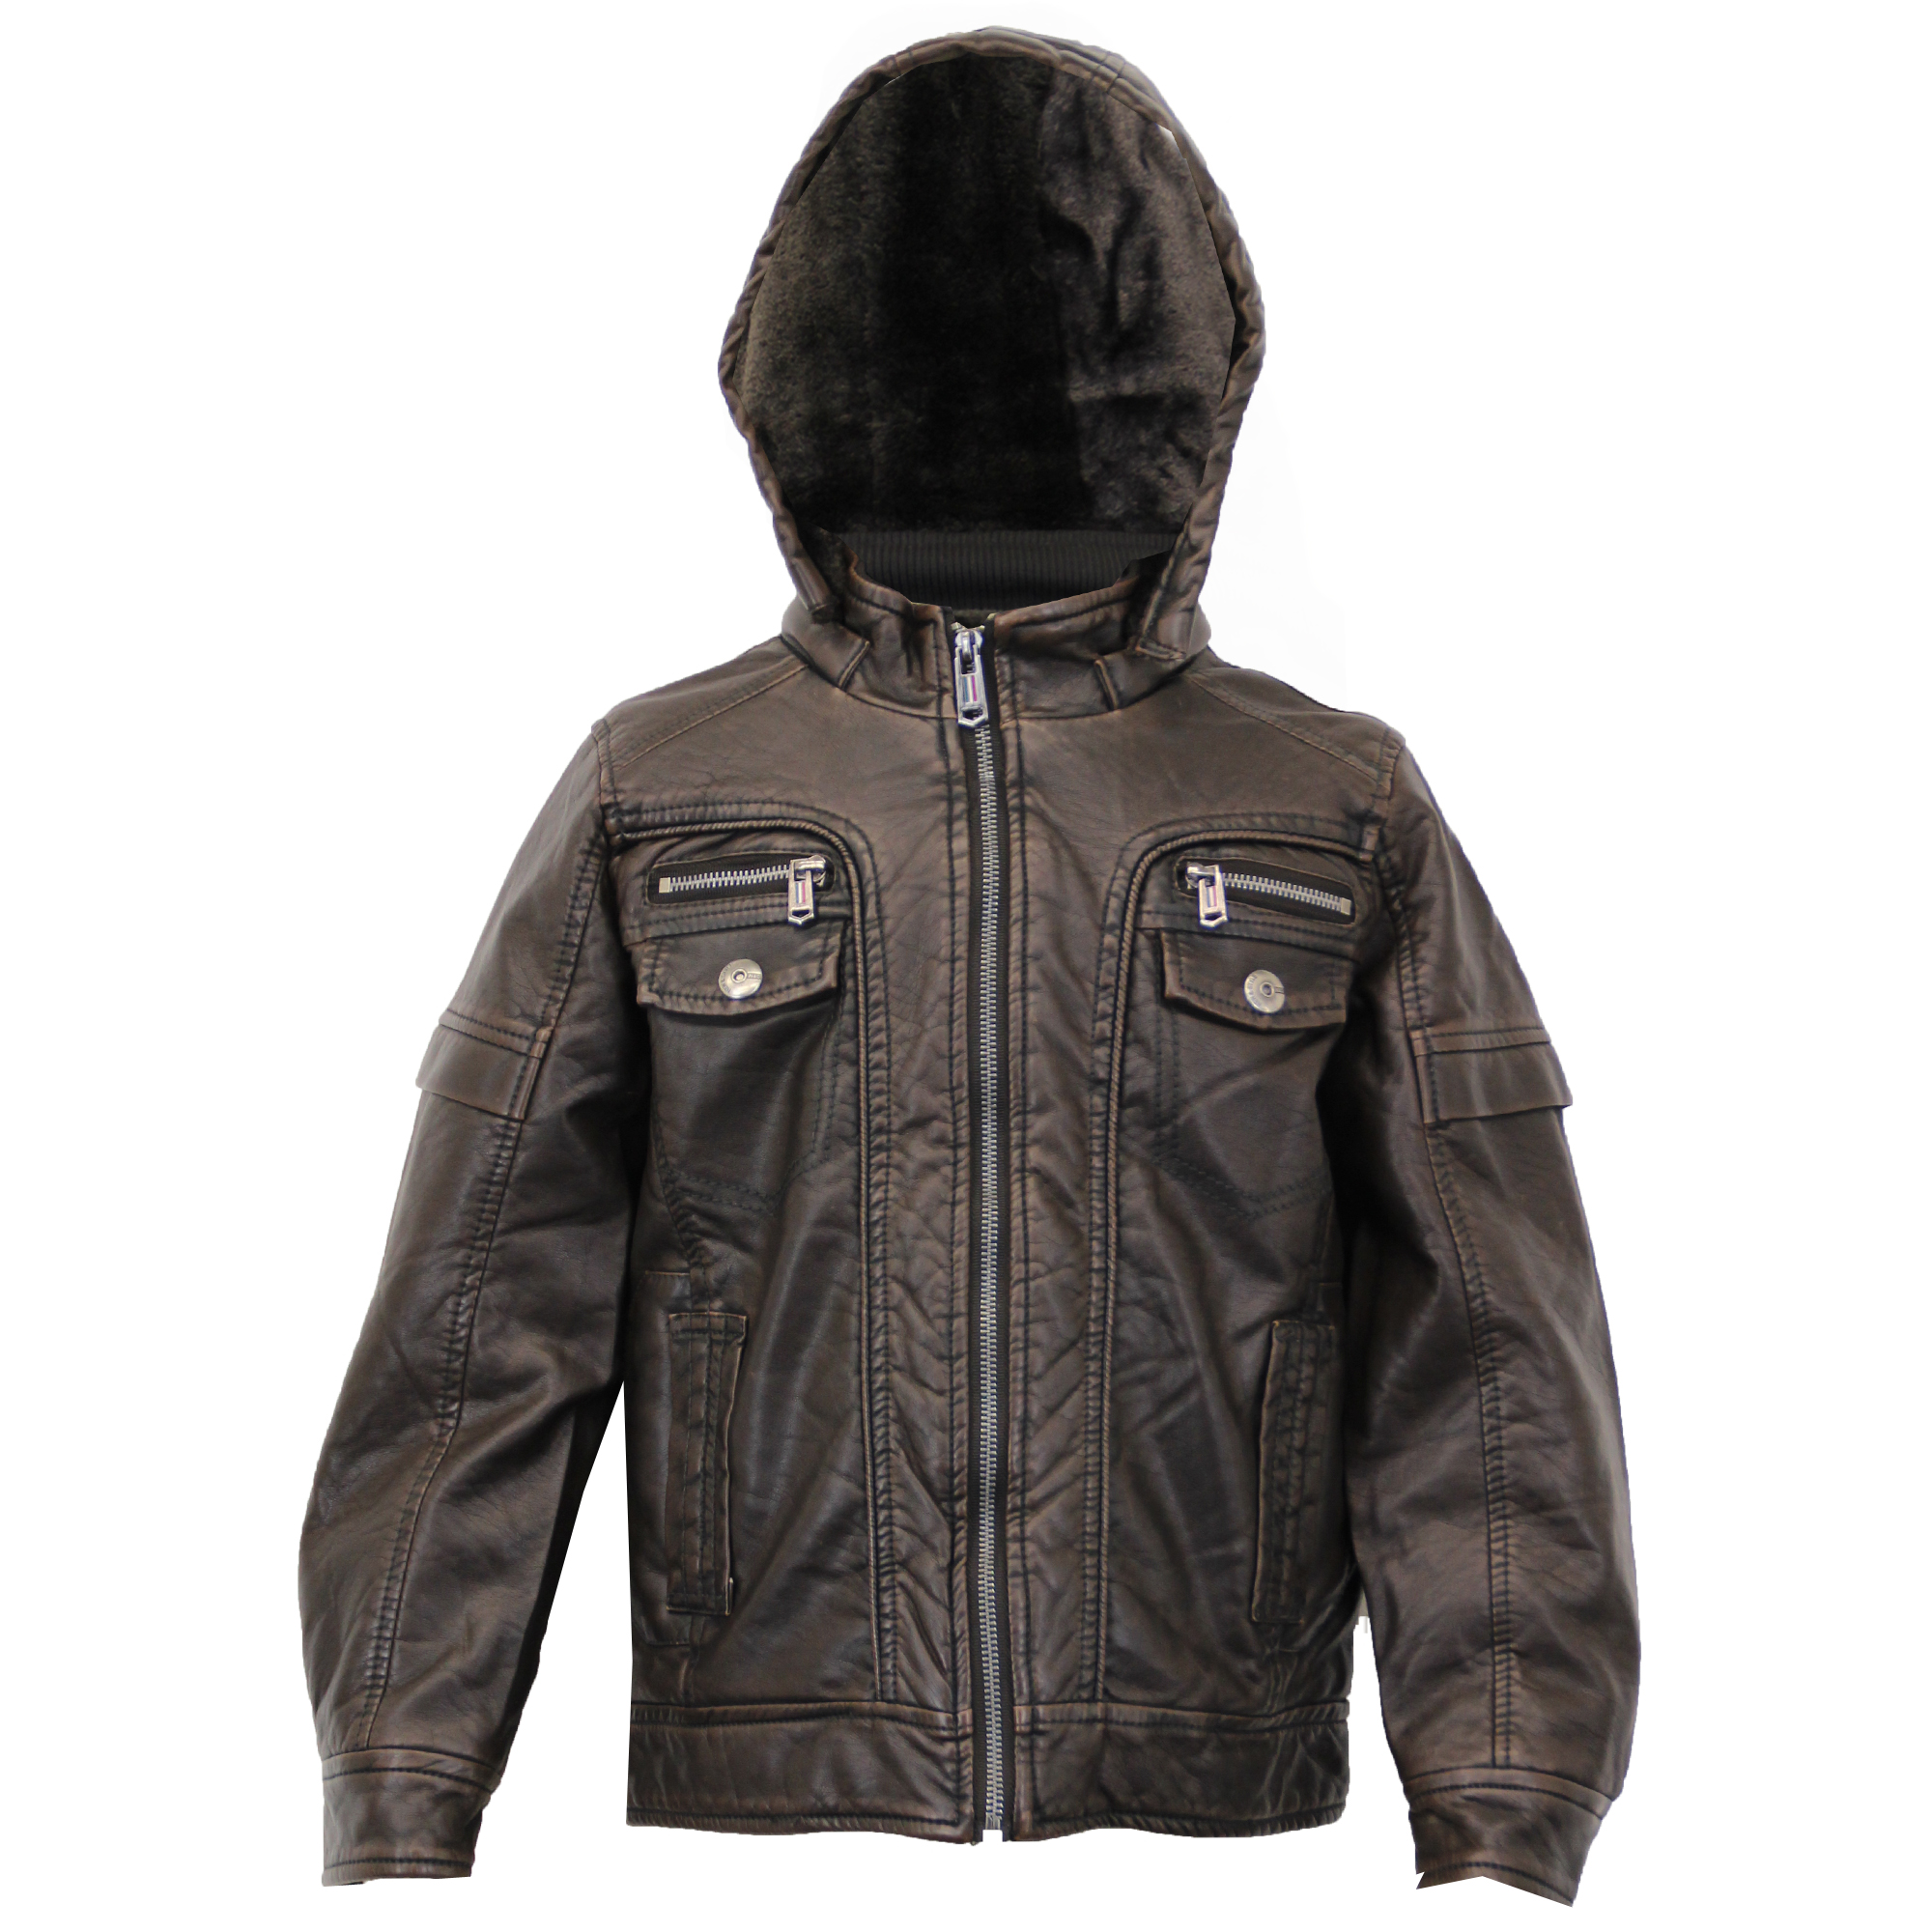 gar ons cuir look veste enfants manteau en simili cuir pvc matelass e capuche sherpa polaire. Black Bedroom Furniture Sets. Home Design Ideas